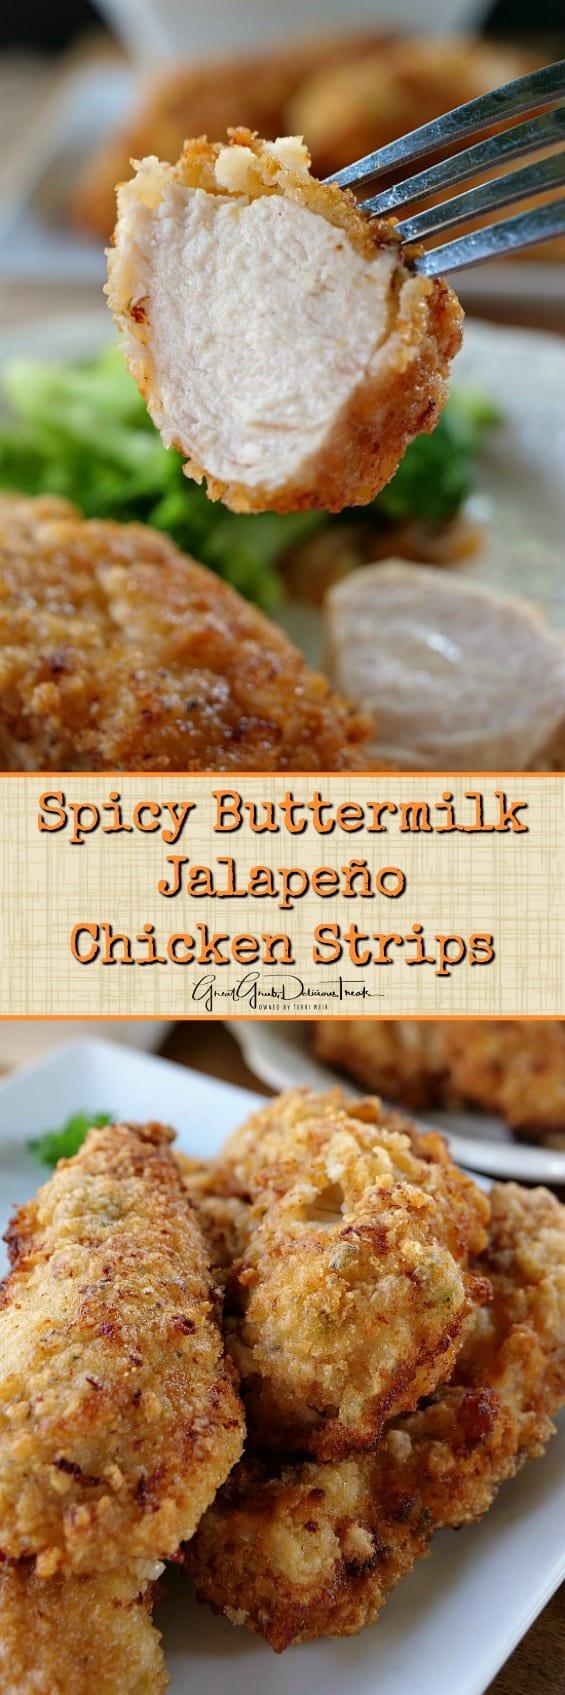 Spicy Buttermilk Jalapeño Chicken Strips